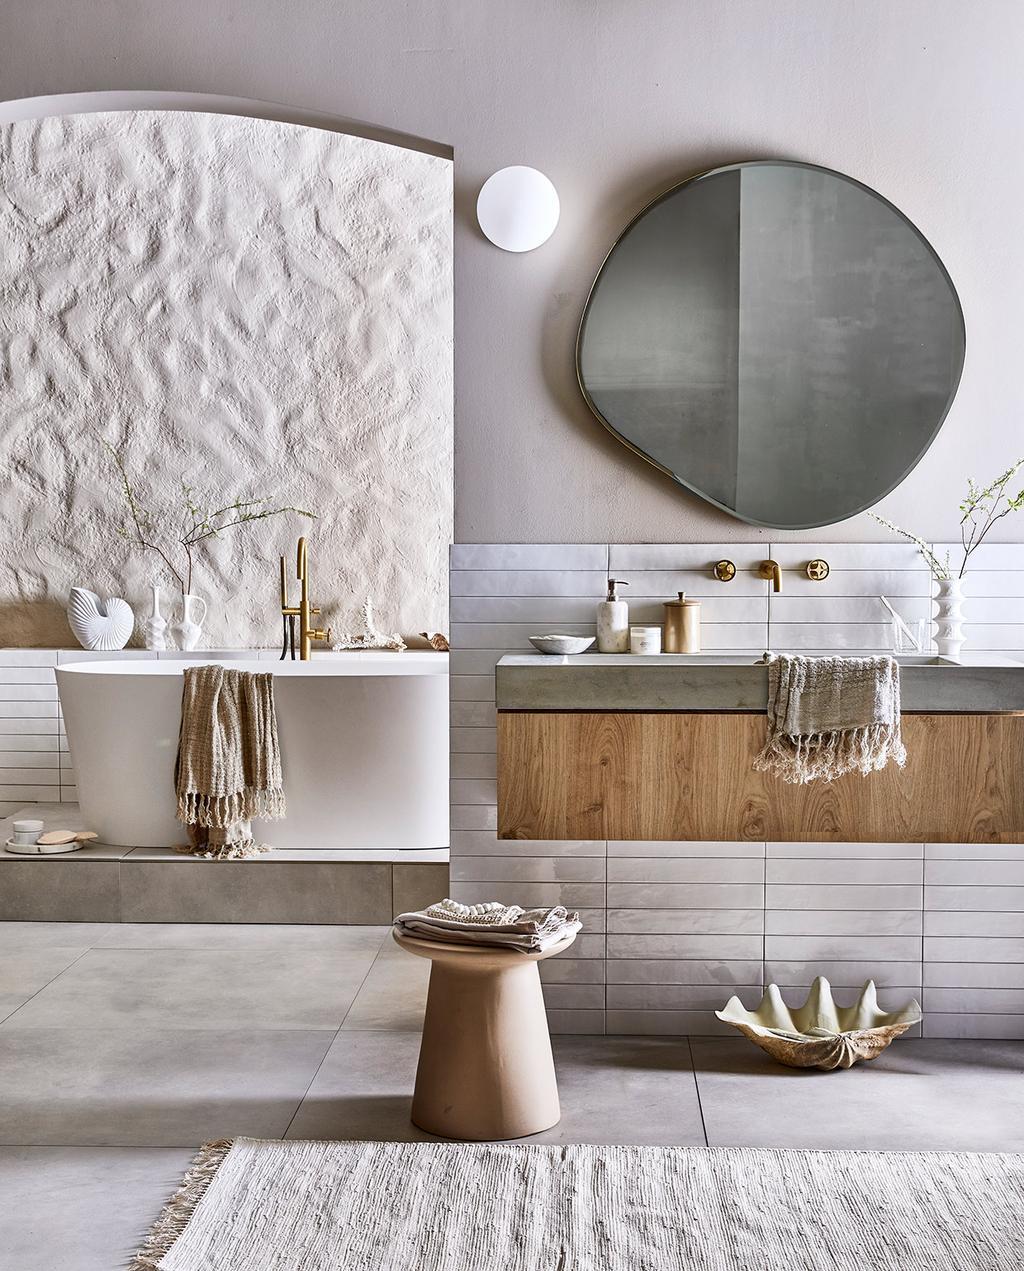 vtwonen 08-2021 | ronde spiegel met houten wastafelmeubel in de badkamer